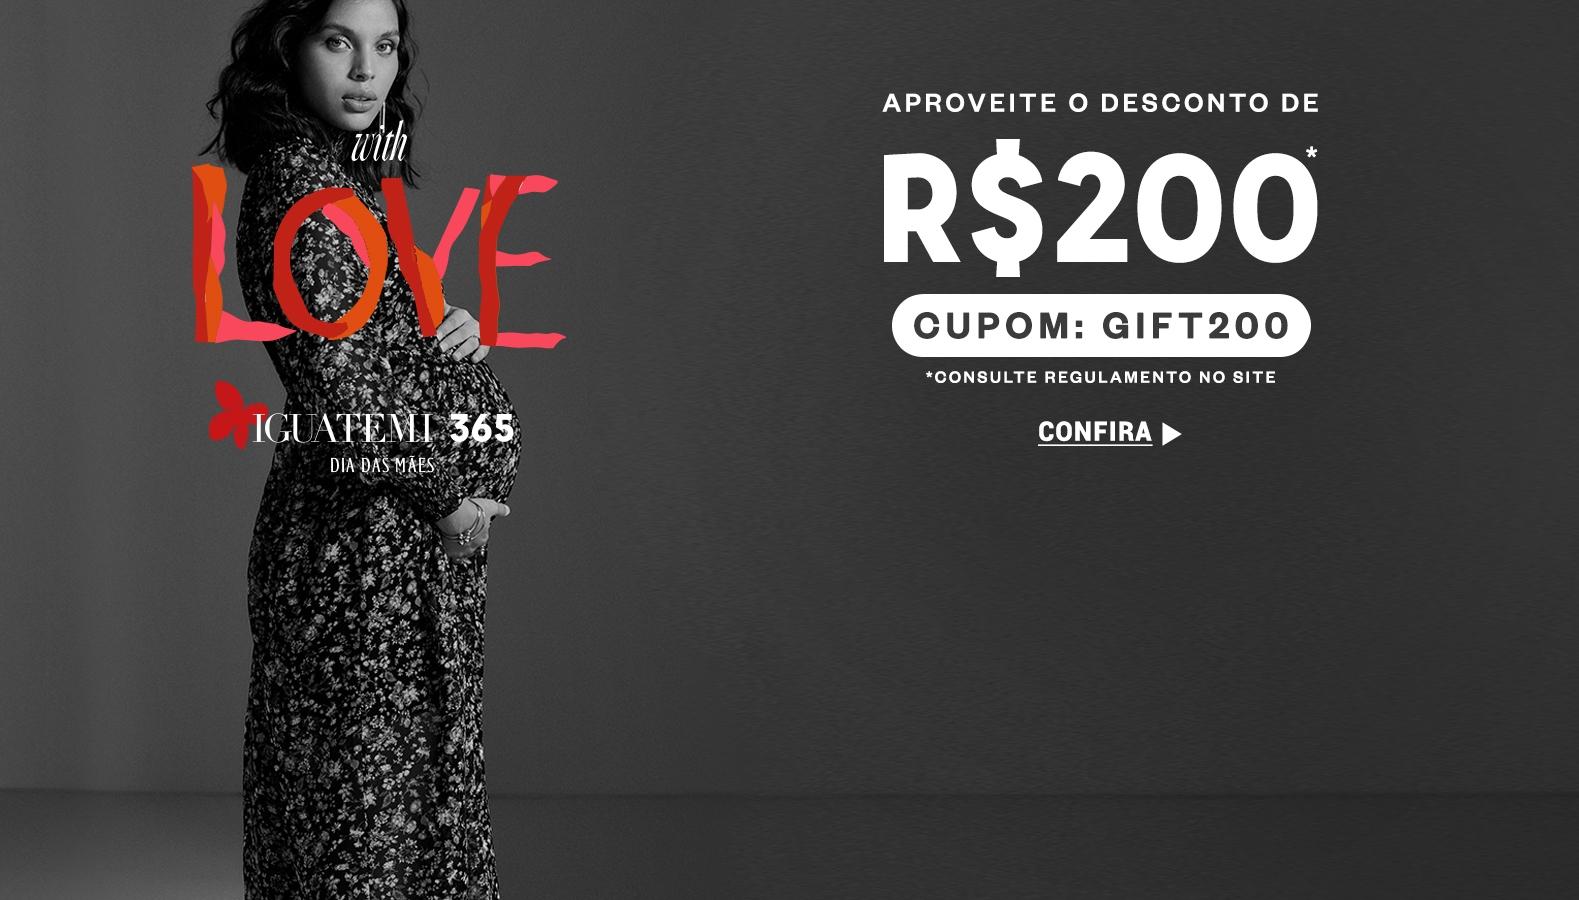 Moda de Luxo Moda Presente Dia das Maes. Promoção Dia das Maes Cupom Desconto